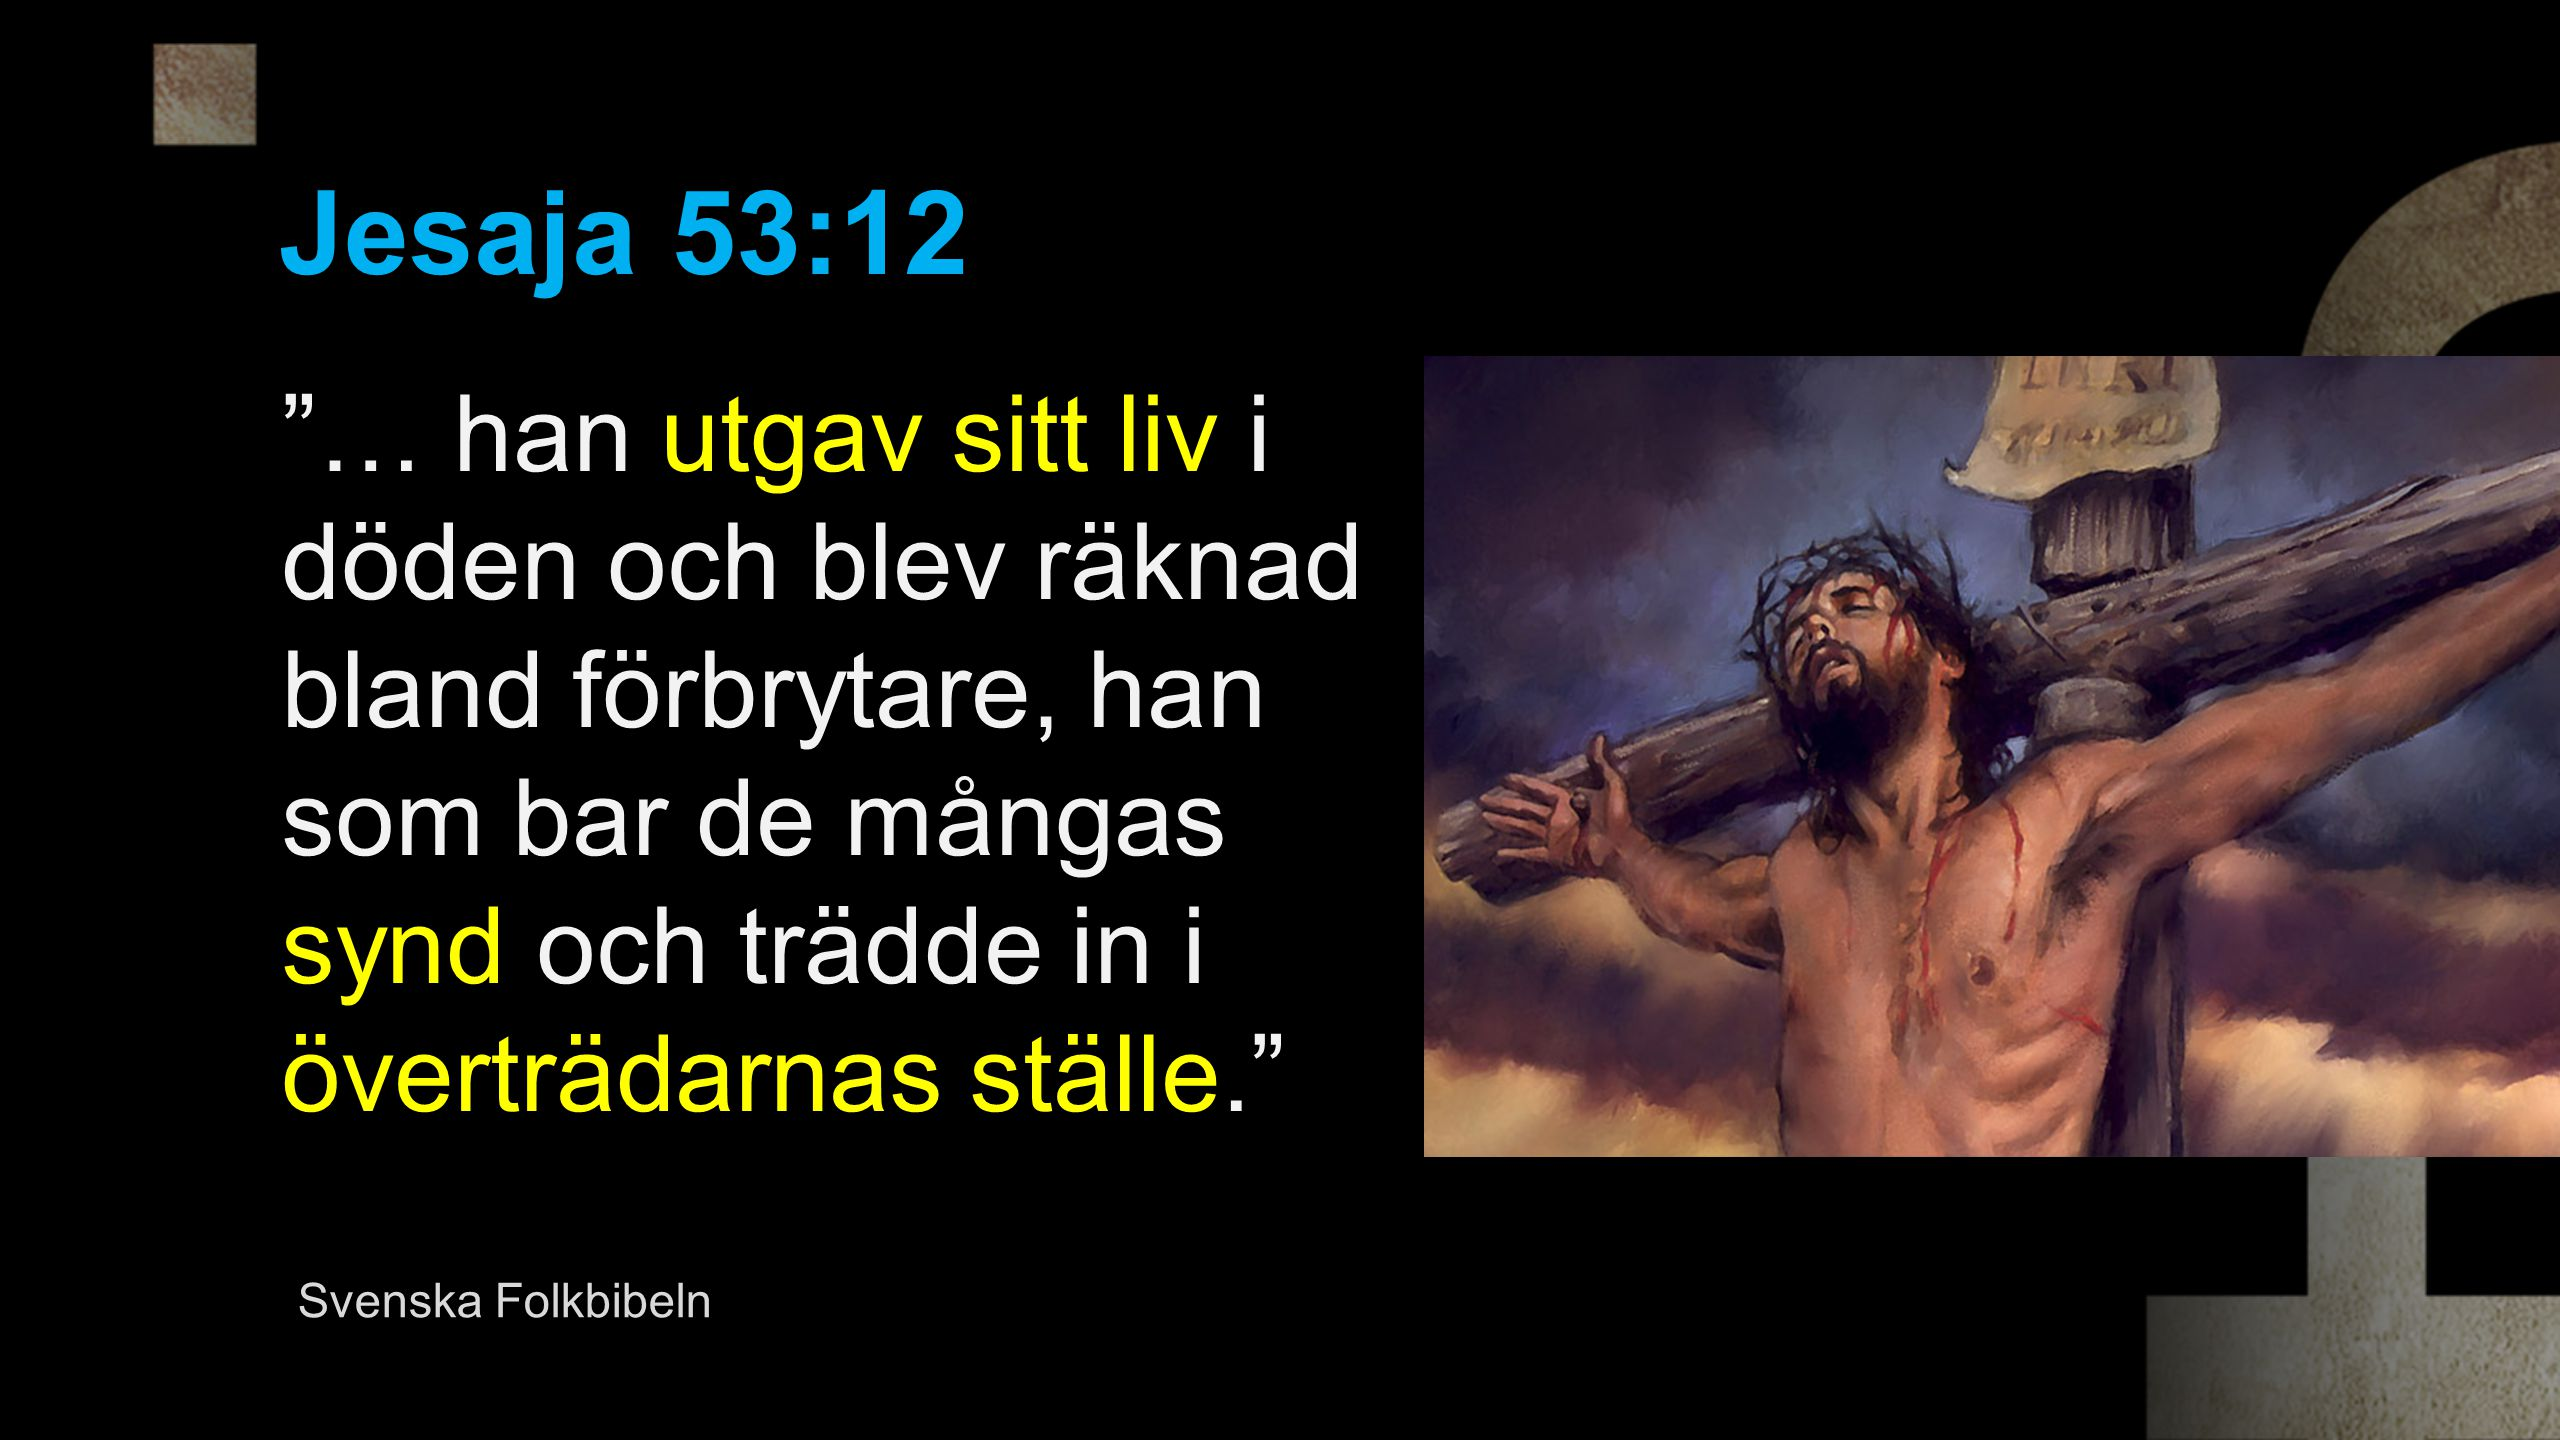 Jesaja 53:12 … han utgav sitt liv i döden och blev räknad bland förbrytare, han som bar de mångas synd och trädde in i överträdarnas ställe.